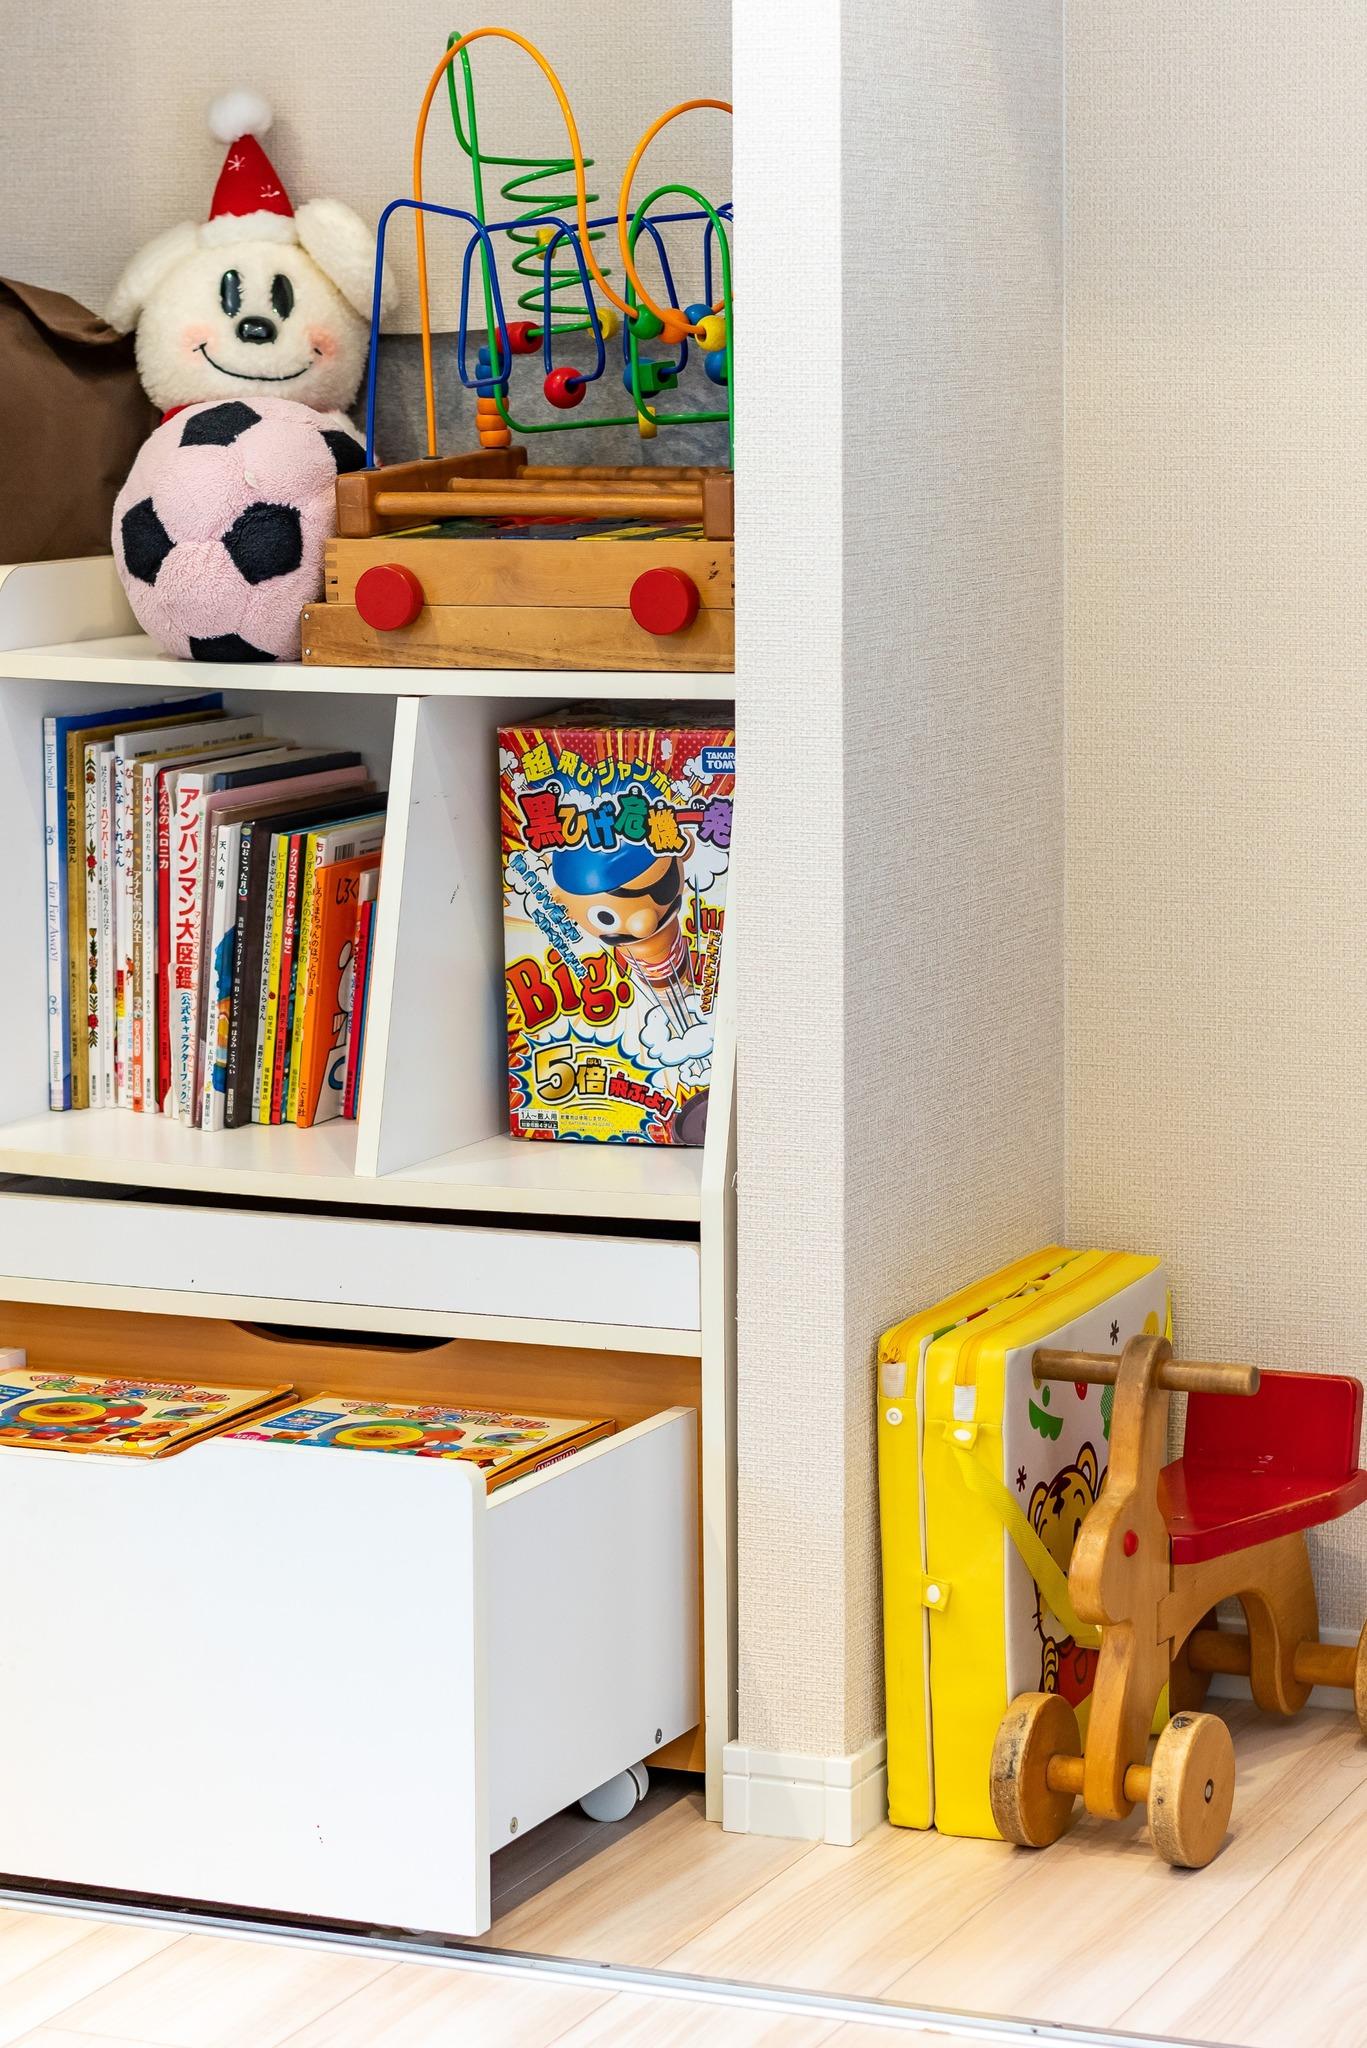 絵本や子供達のおもちゃ完備!